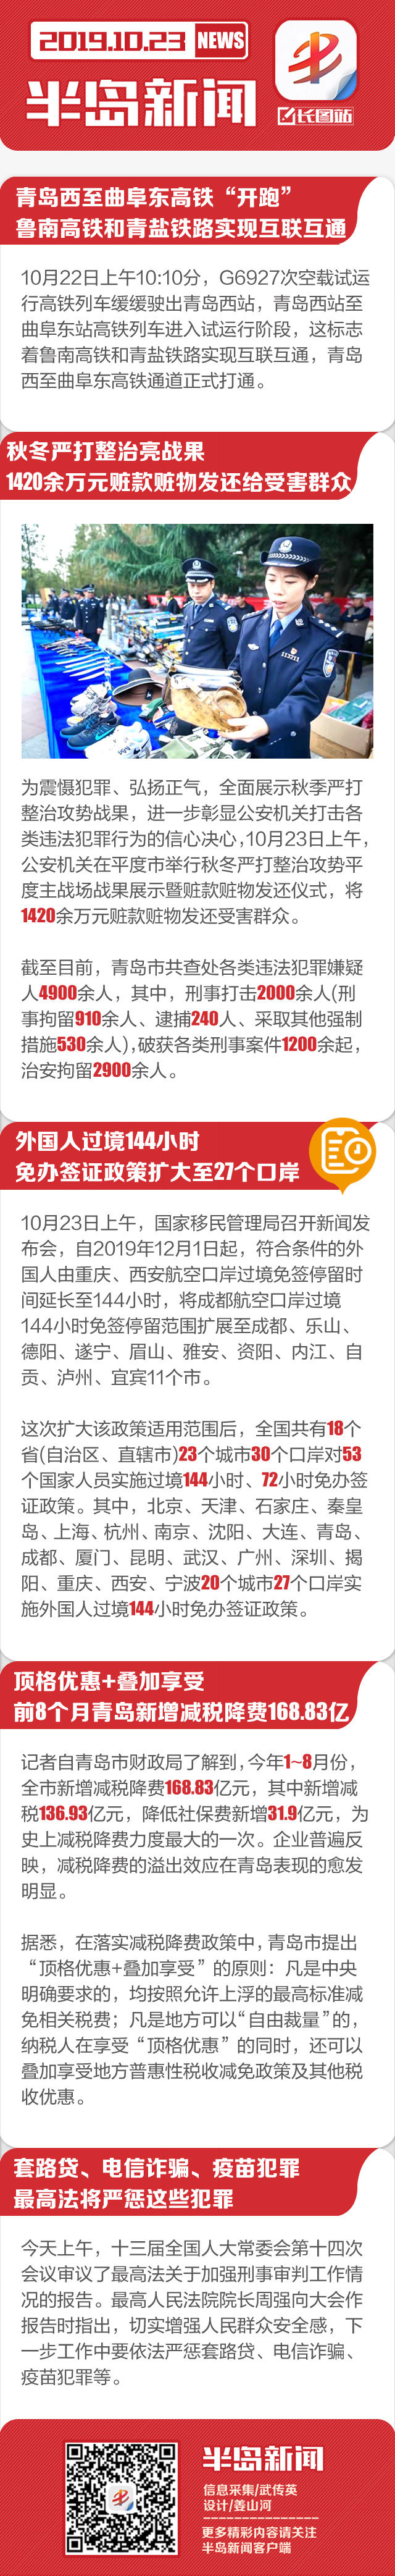 长图站|今天上午的重要新闻都在这【10月23日】